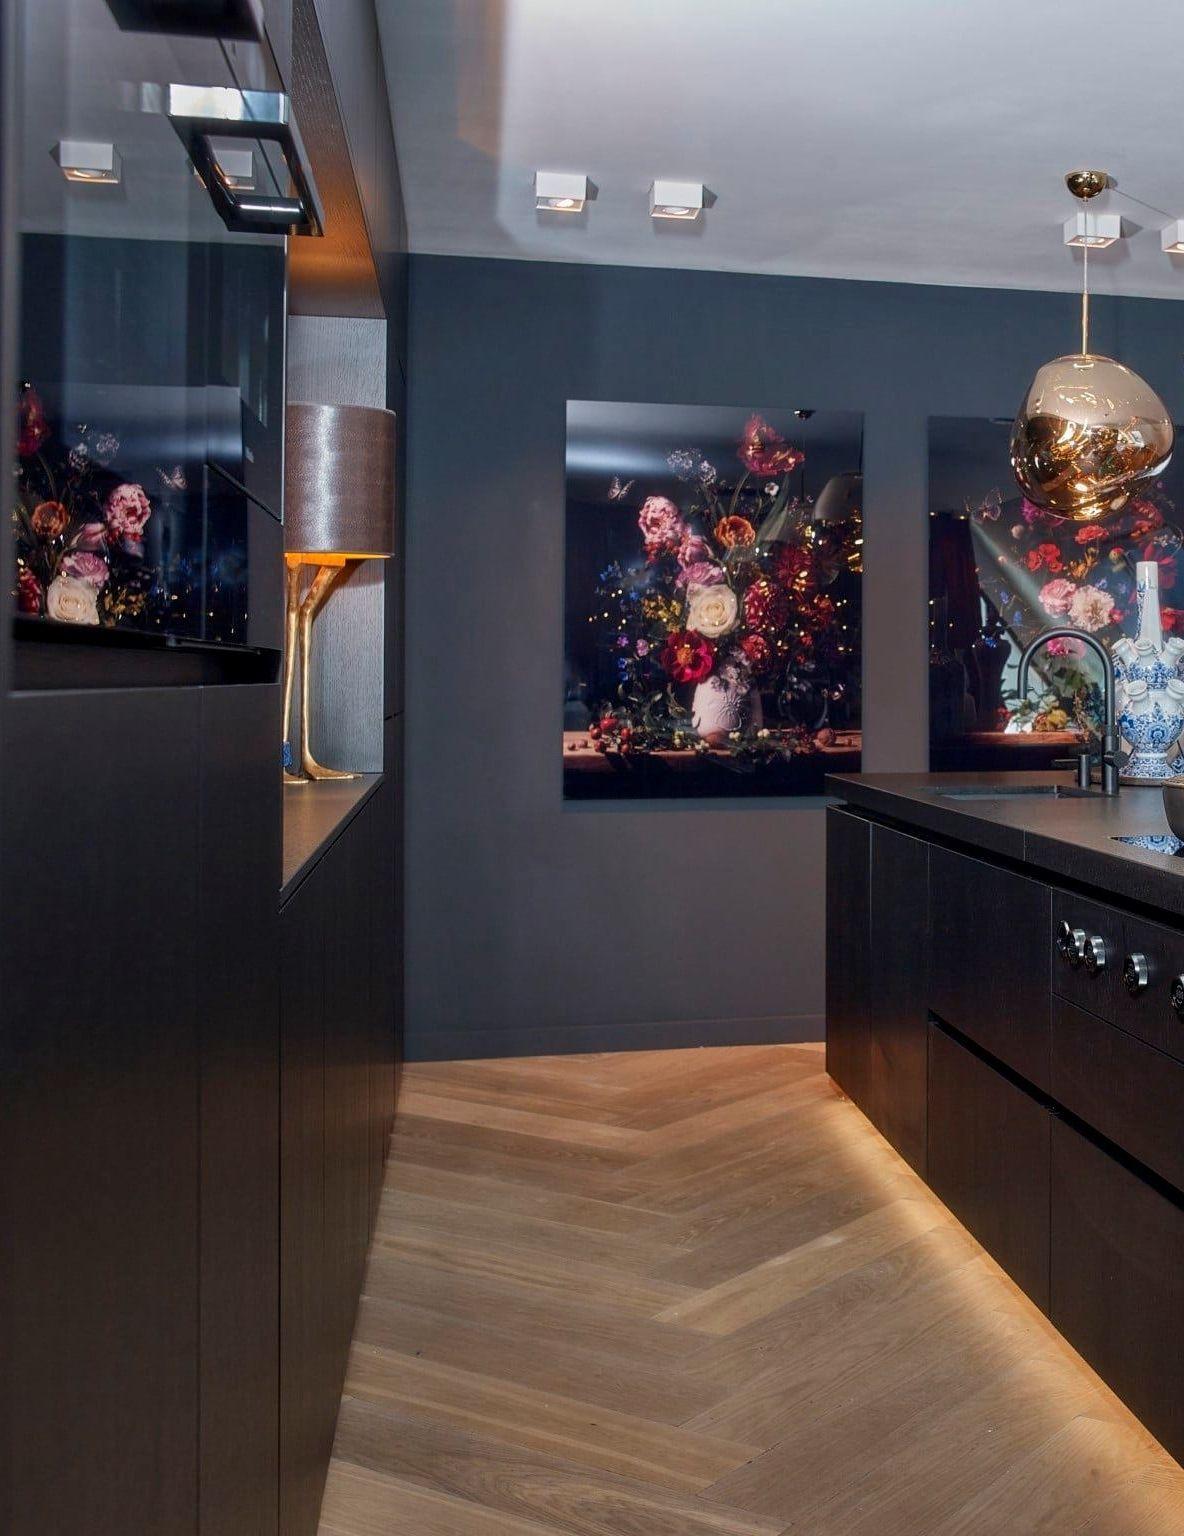 Wanddecoratie Keuken Keuken Kunst Keuken Muur Keuken